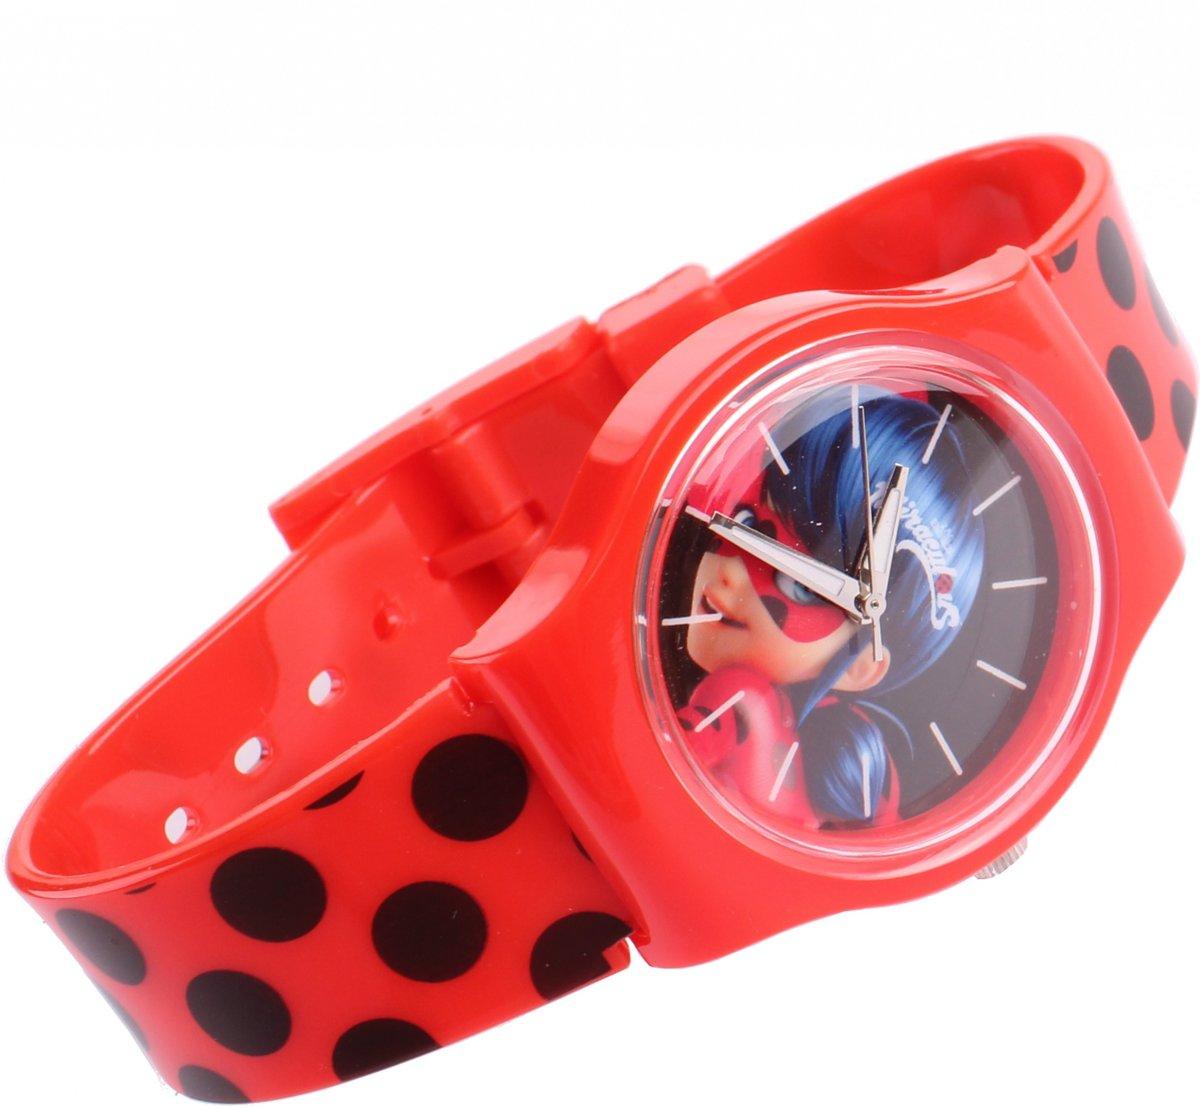 Miraculous Analoog Horloge Ladybug Rood